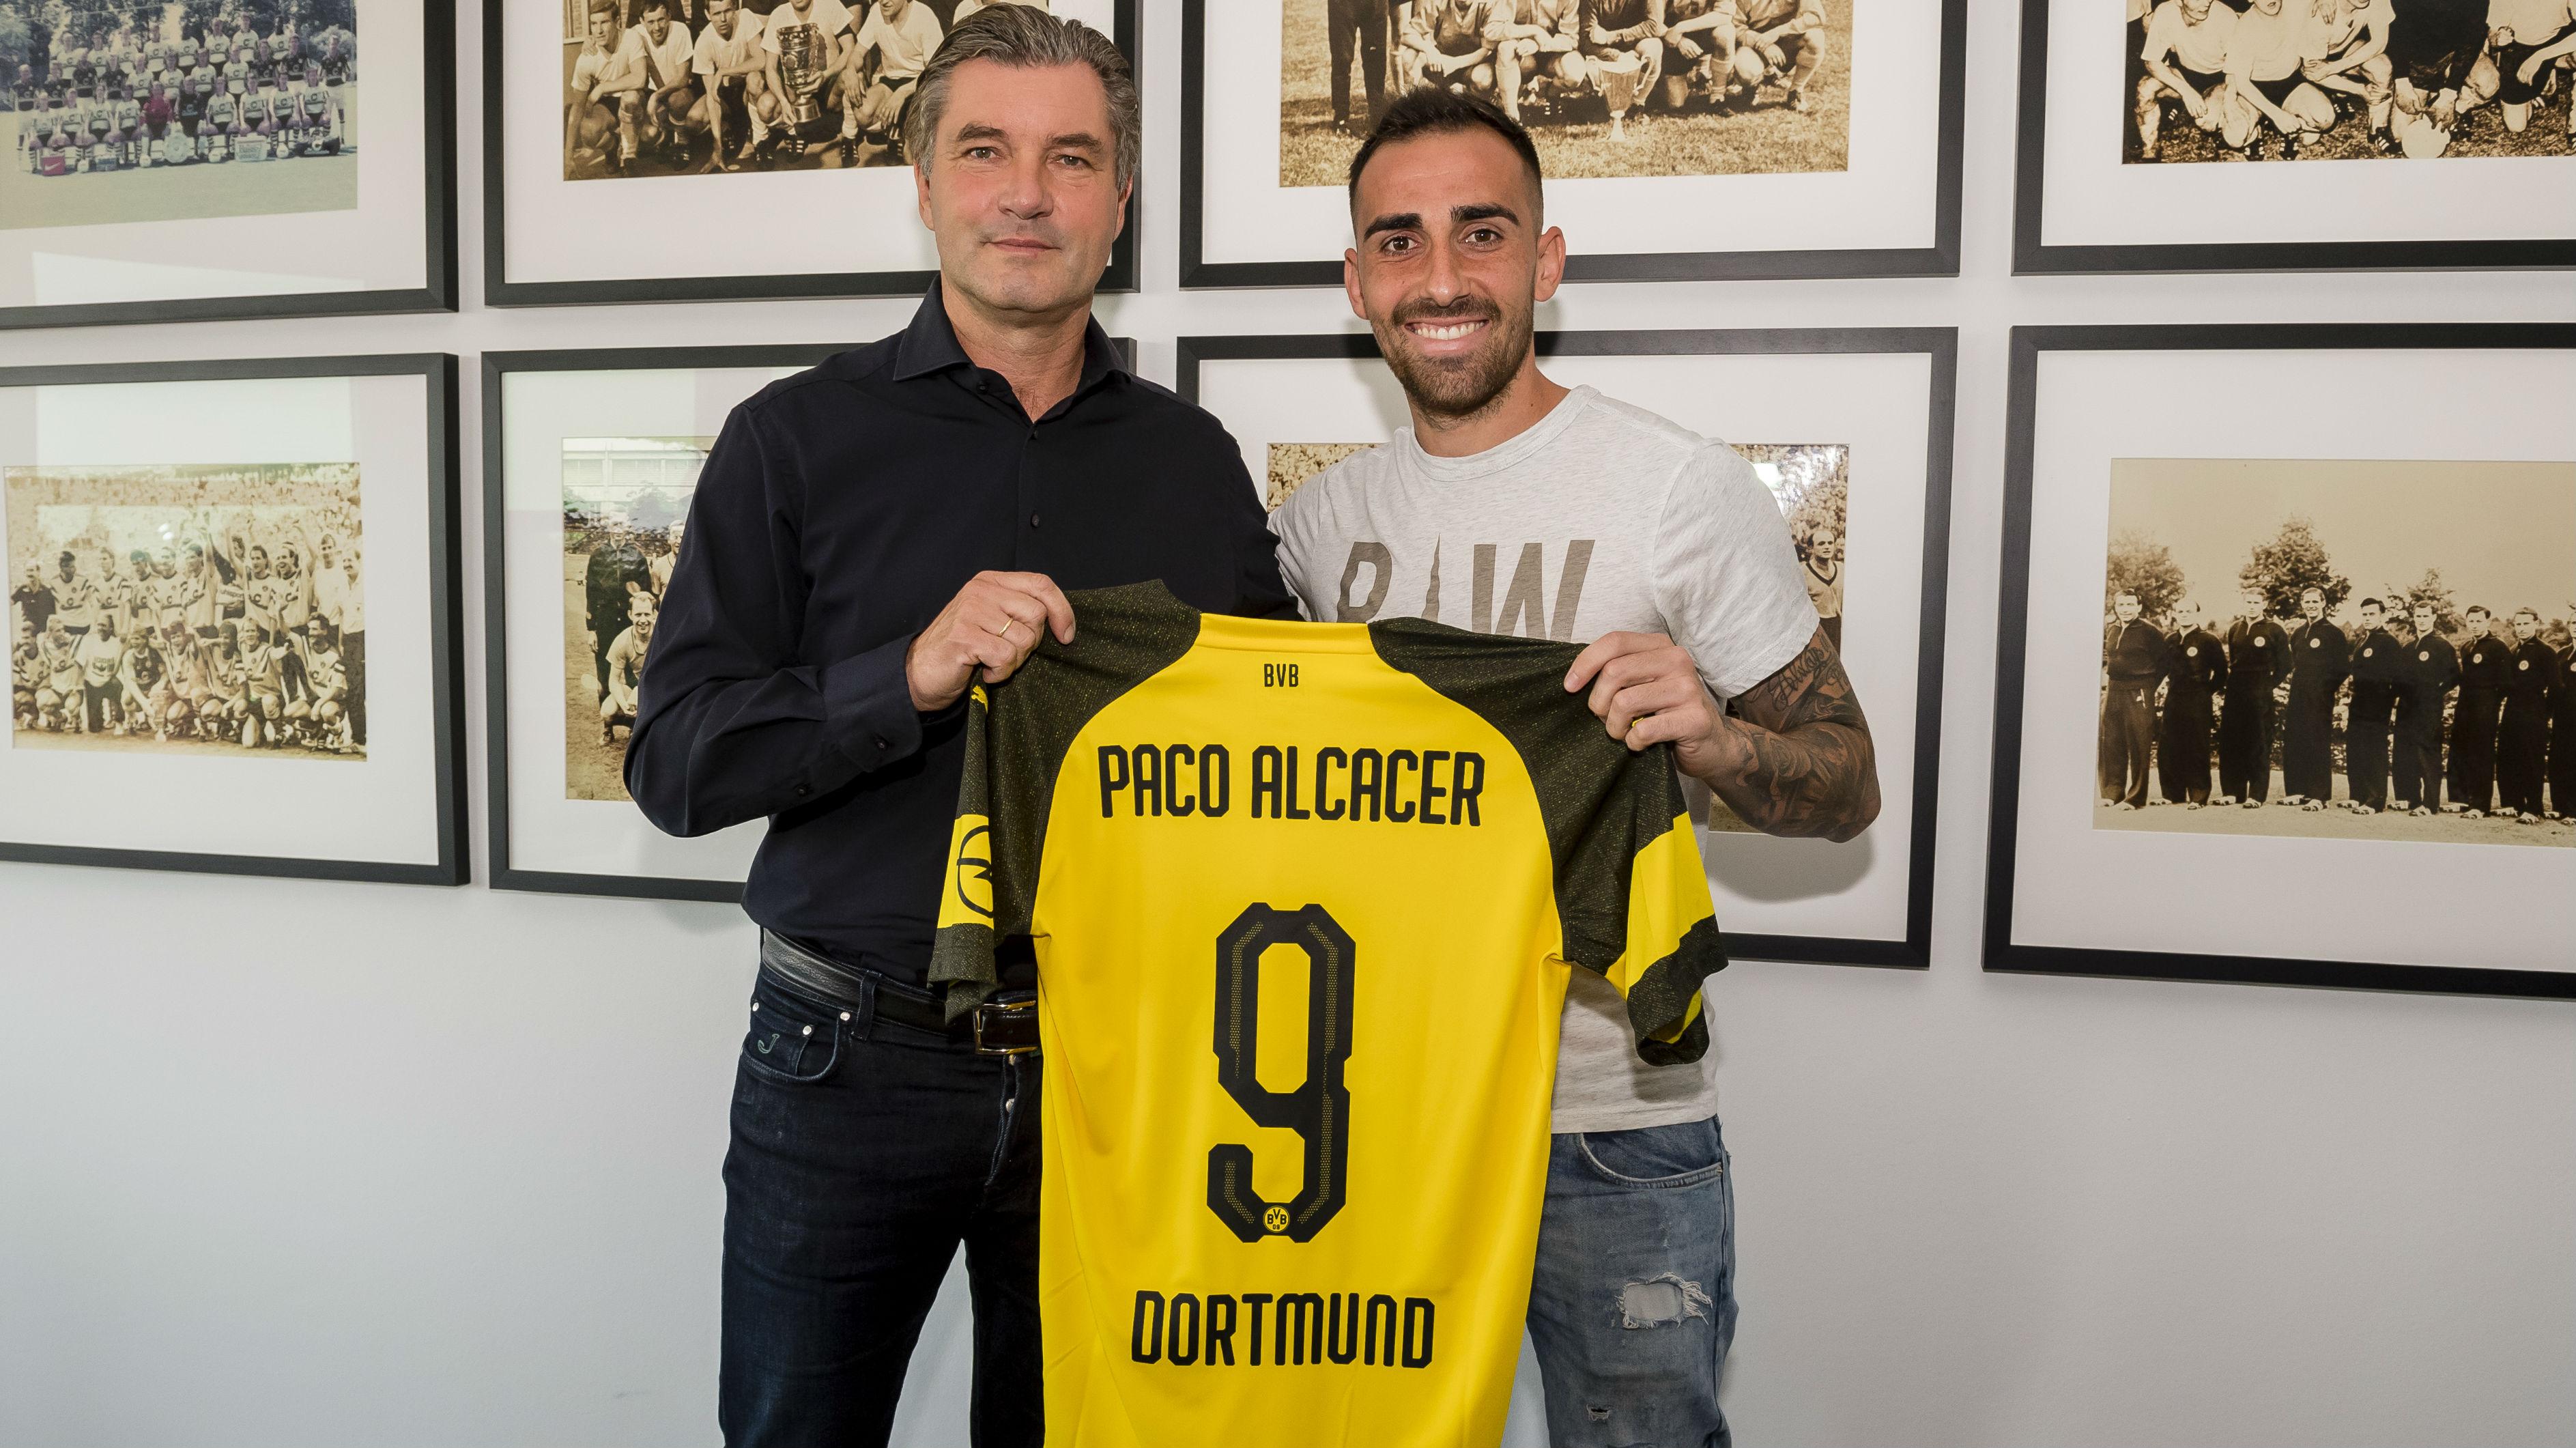 Paco Alcacer, Borussia Dortmund